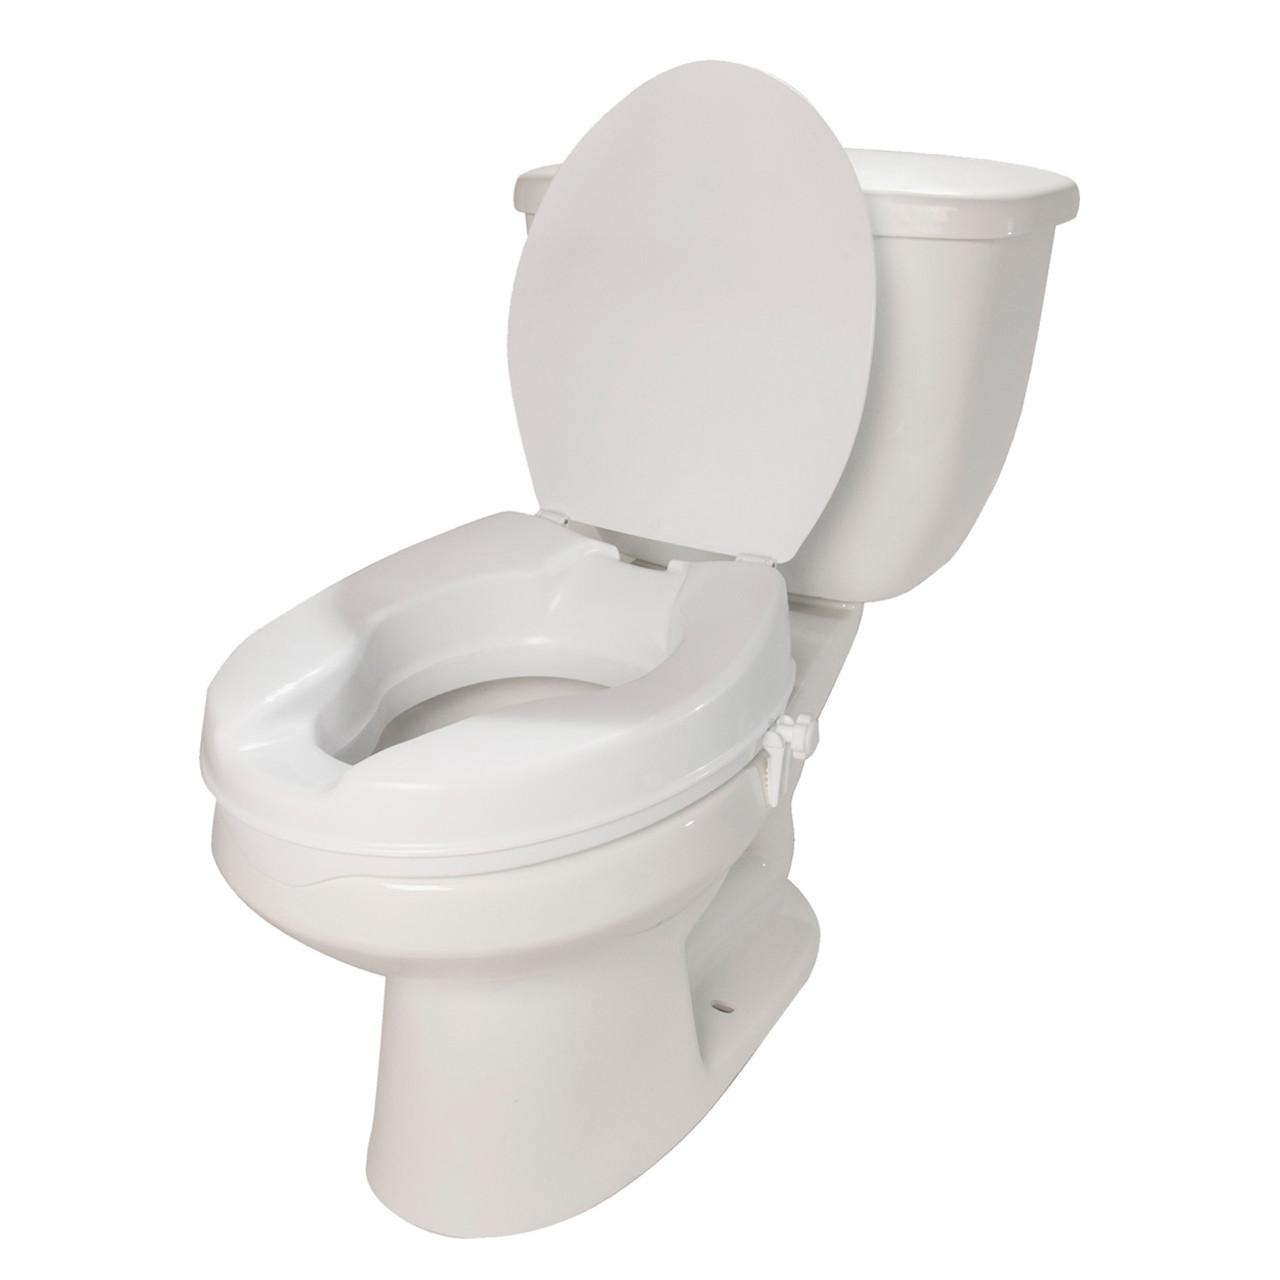 Raised Toilet Seat 4 w/ Lid